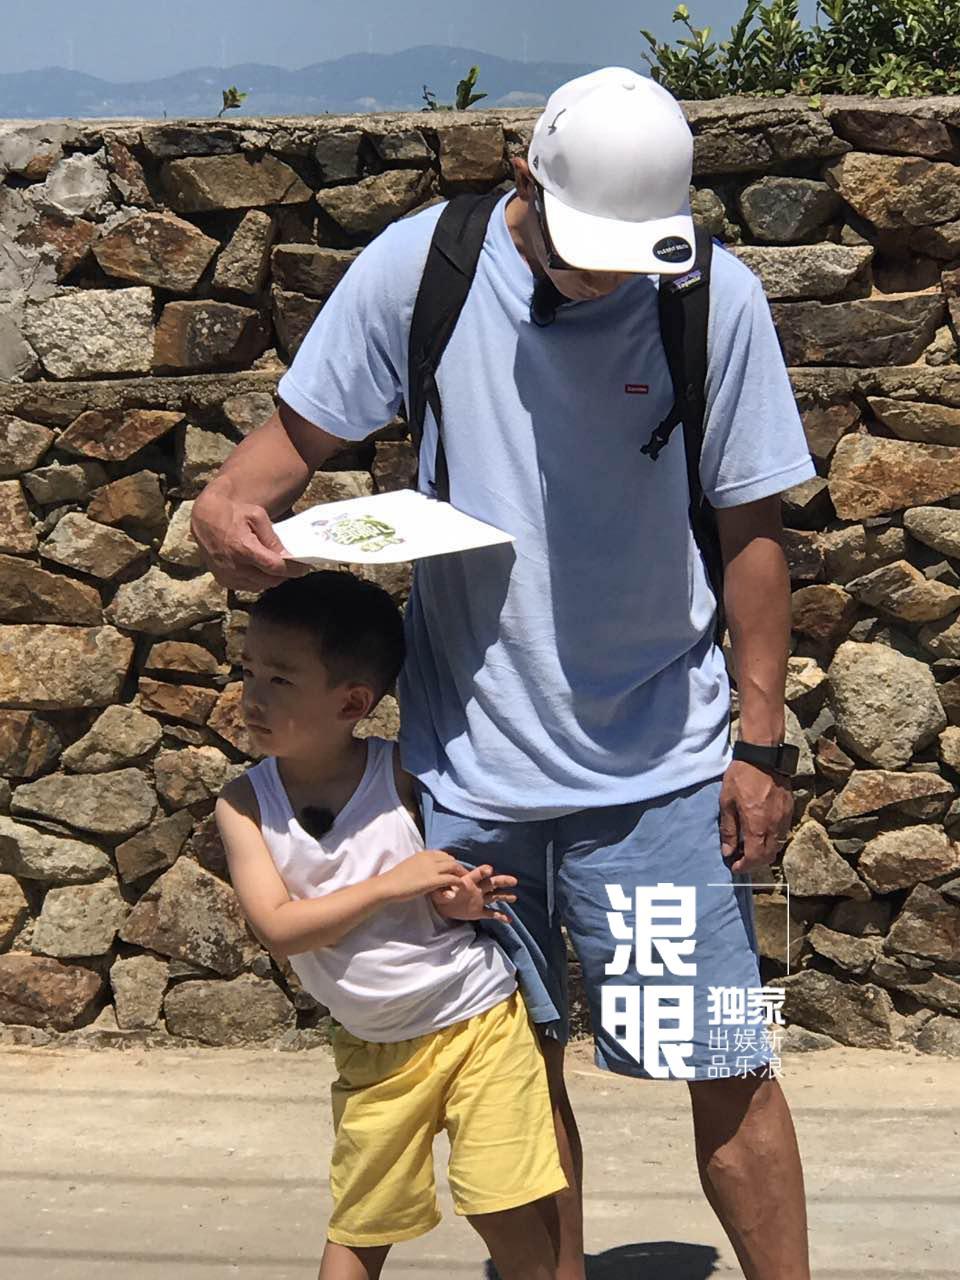 'Vi Tiểu Bảo' Trần Tiểu Xuân lần đầu xuất hiện cùng con trai hot nhất weibo hôm nay-4